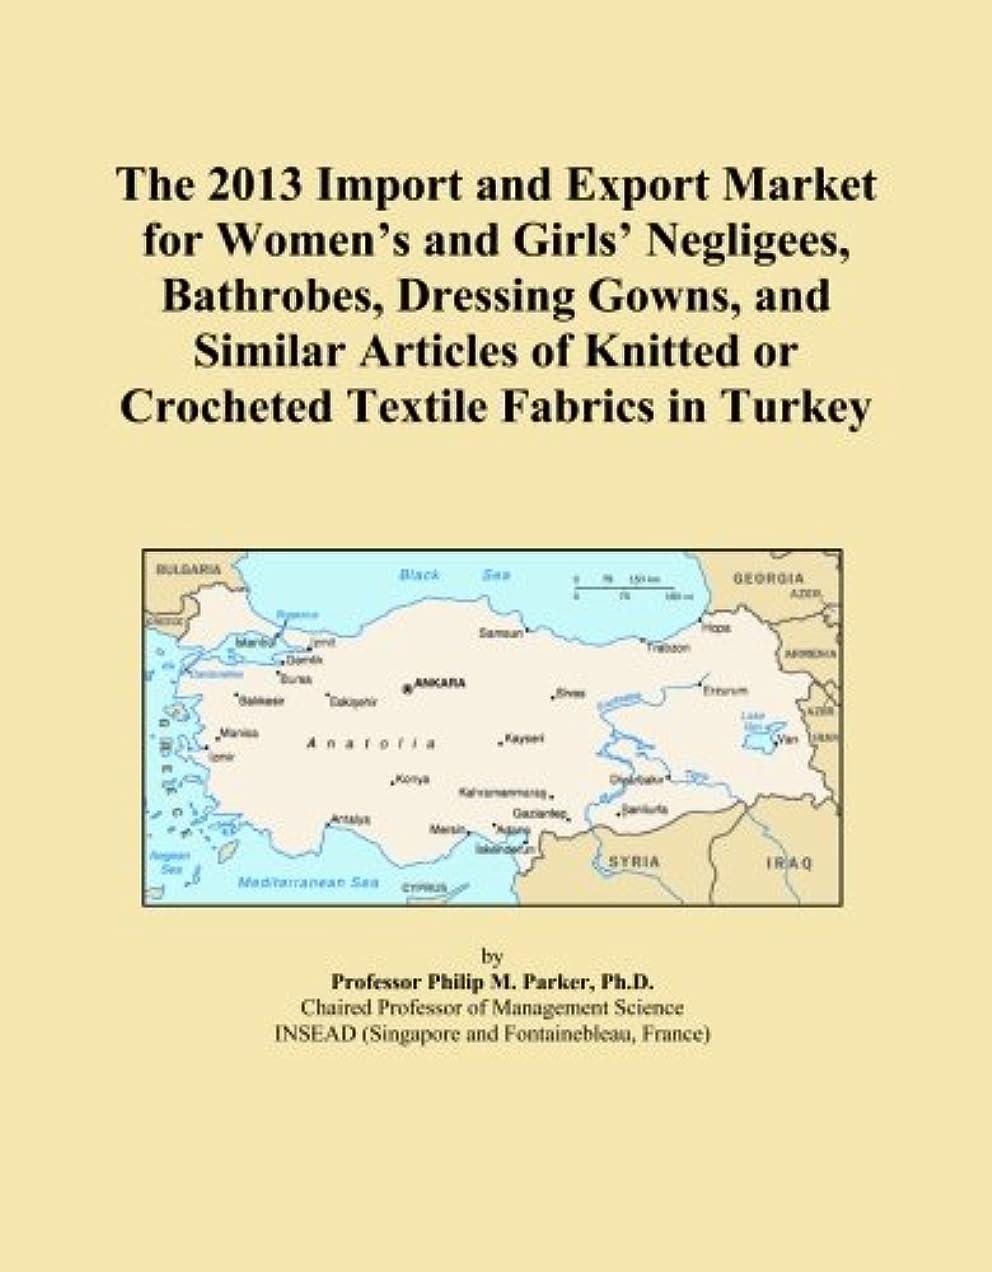 猟犬マニアミュートThe 2013 Import and Export Market for Women's and Girls' Negligees, Bathrobes, Dressing Gowns, and Similar Articles of Knitted or Crocheted Textile Fabrics in Turkey